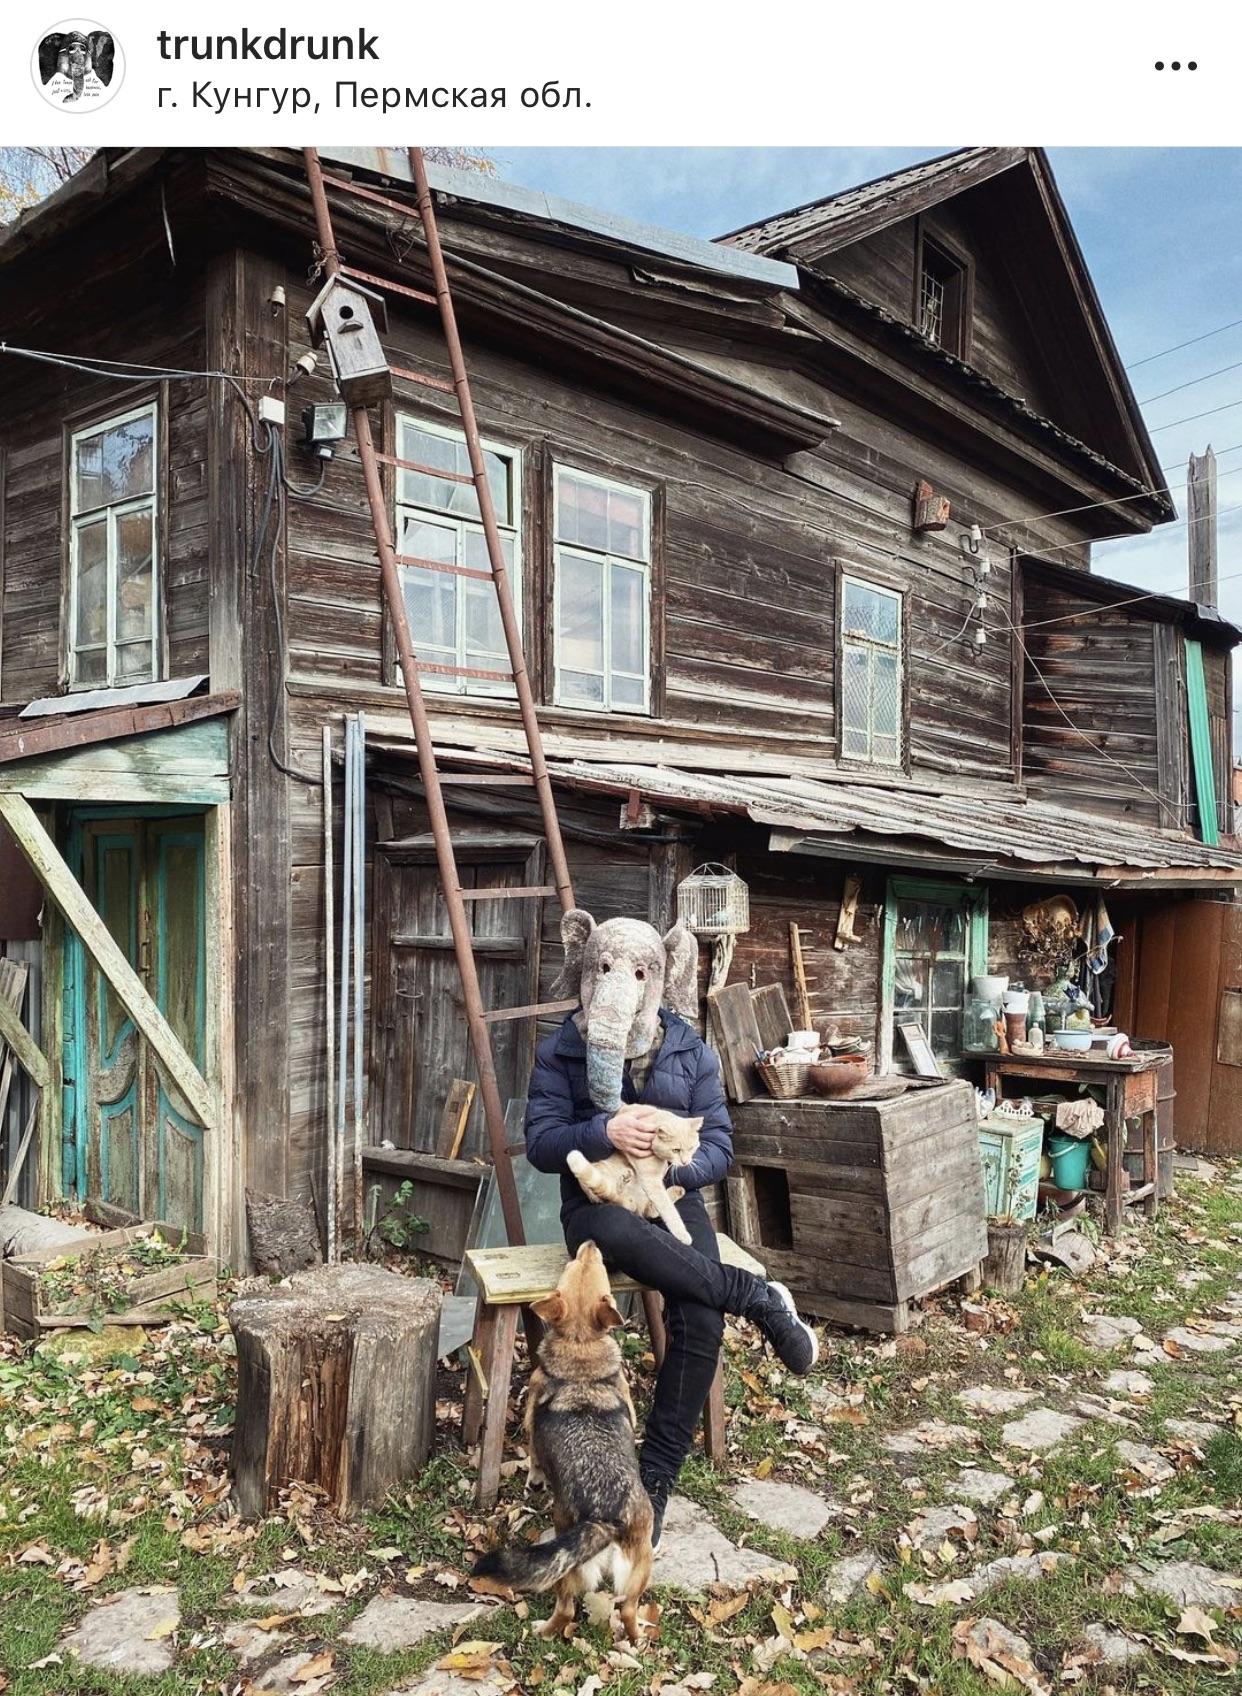 @trunkdrunk - «пьяный хобот» бродит по нашей родной Хтони. И Хтонь от этого становится особенно милой и уютной.